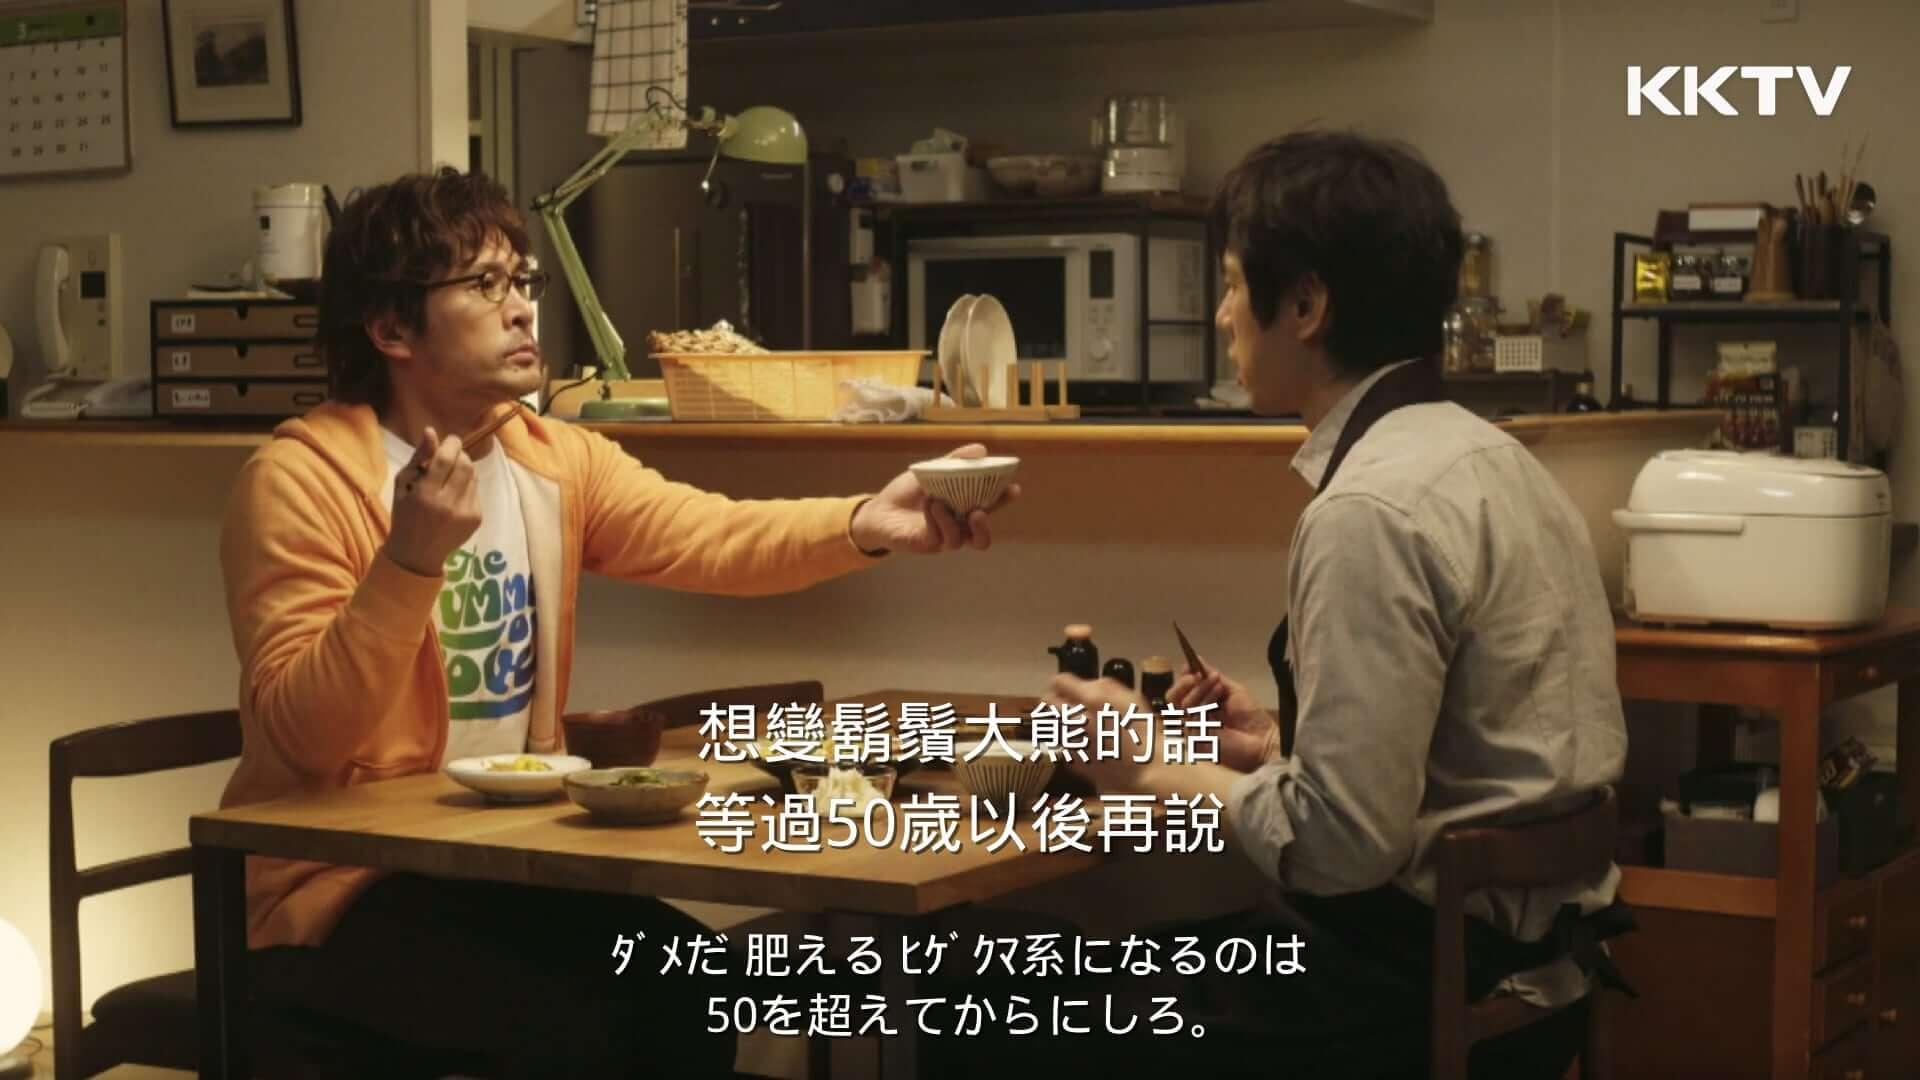 主字幕選擇「中文」,副字幕選擇「日文」,即可如圖呈現雙字幕囉!